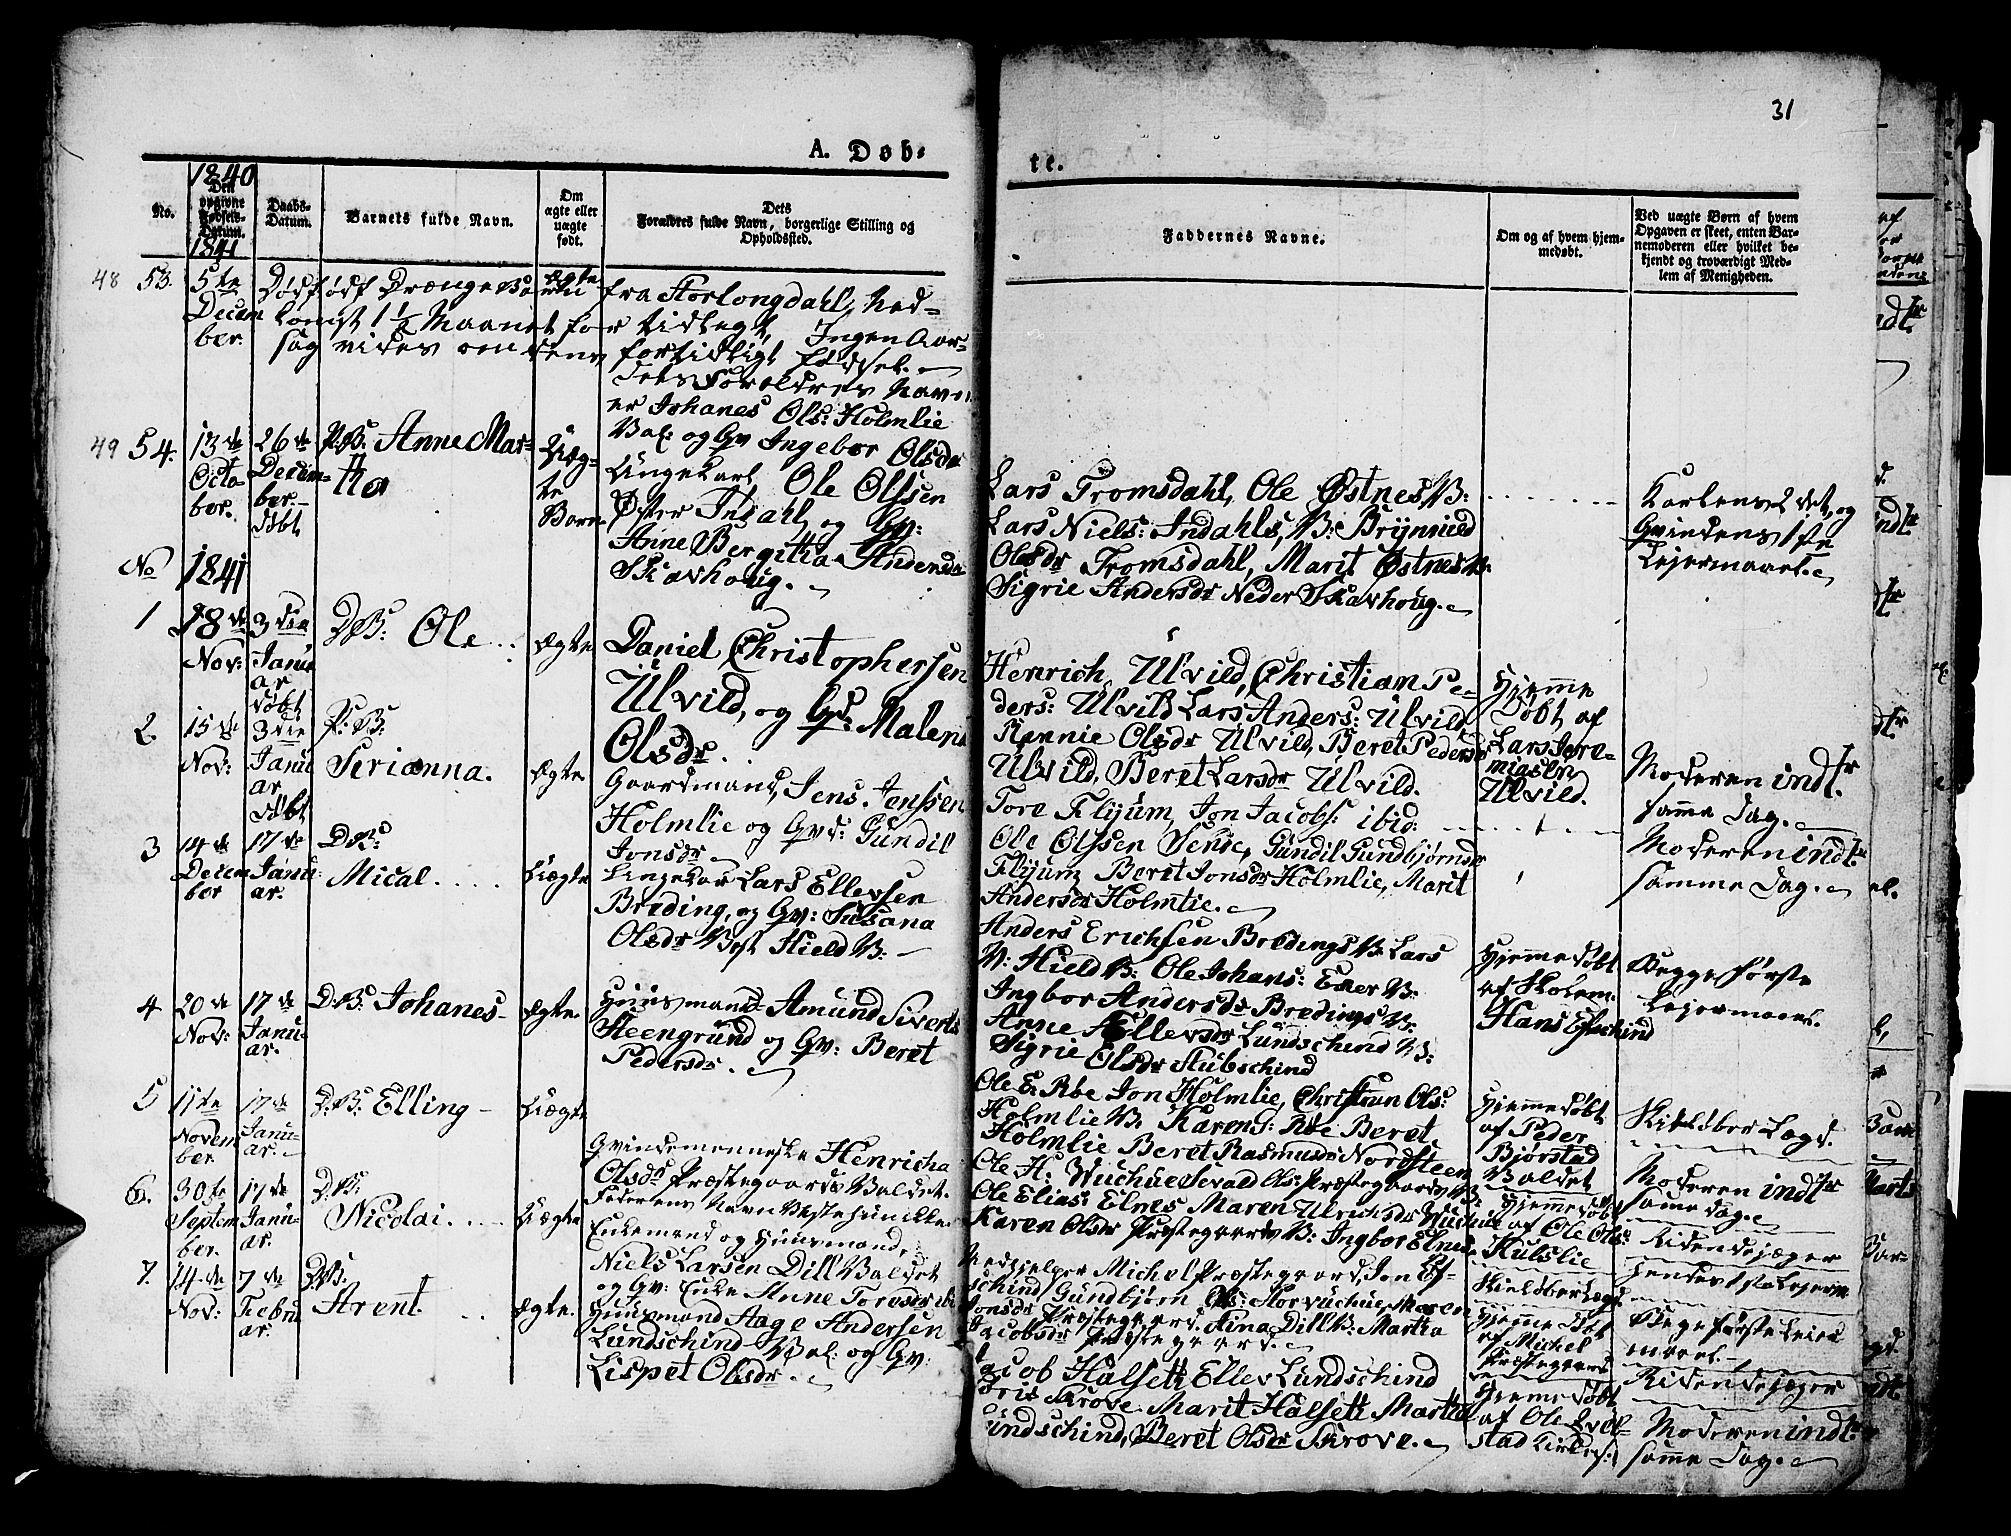 SAT, Ministerialprotokoller, klokkerbøker og fødselsregistre - Nord-Trøndelag, 724/L0266: Klokkerbok nr. 724C02, 1836-1843, s. 31